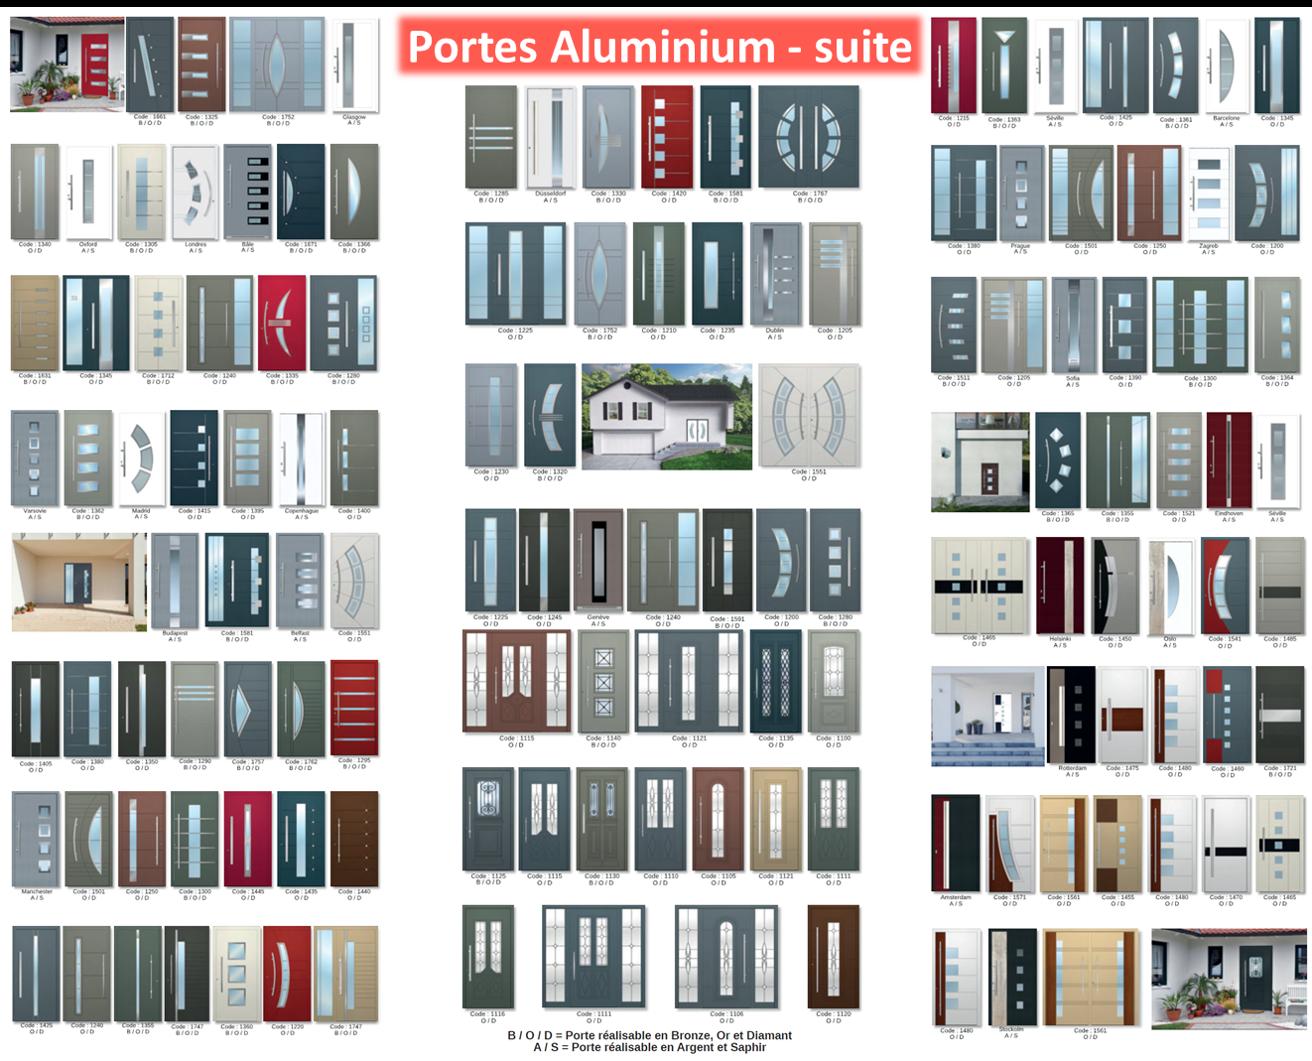 Portes Aluminium-Suite